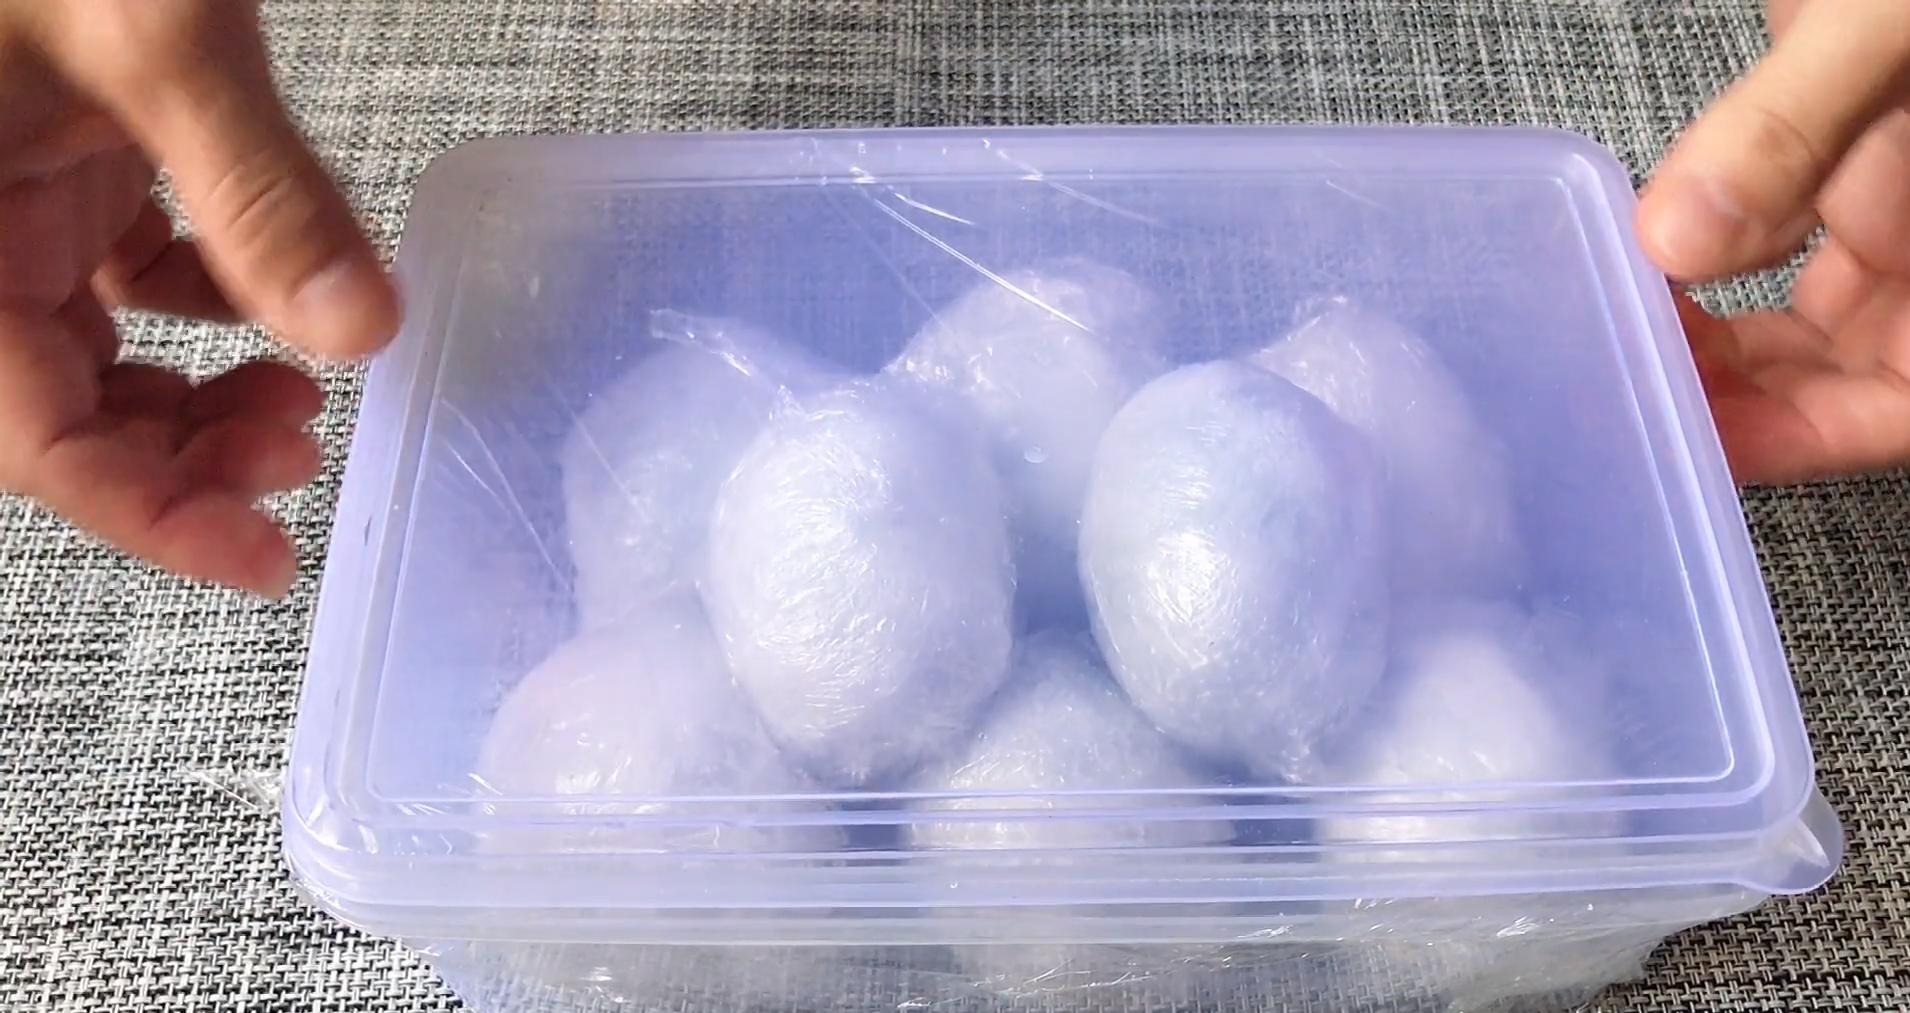 把白酒倒进鸭蛋里,真是厉害了,个个翻沙流油,吃着满嘴留香 美食做法 第16张